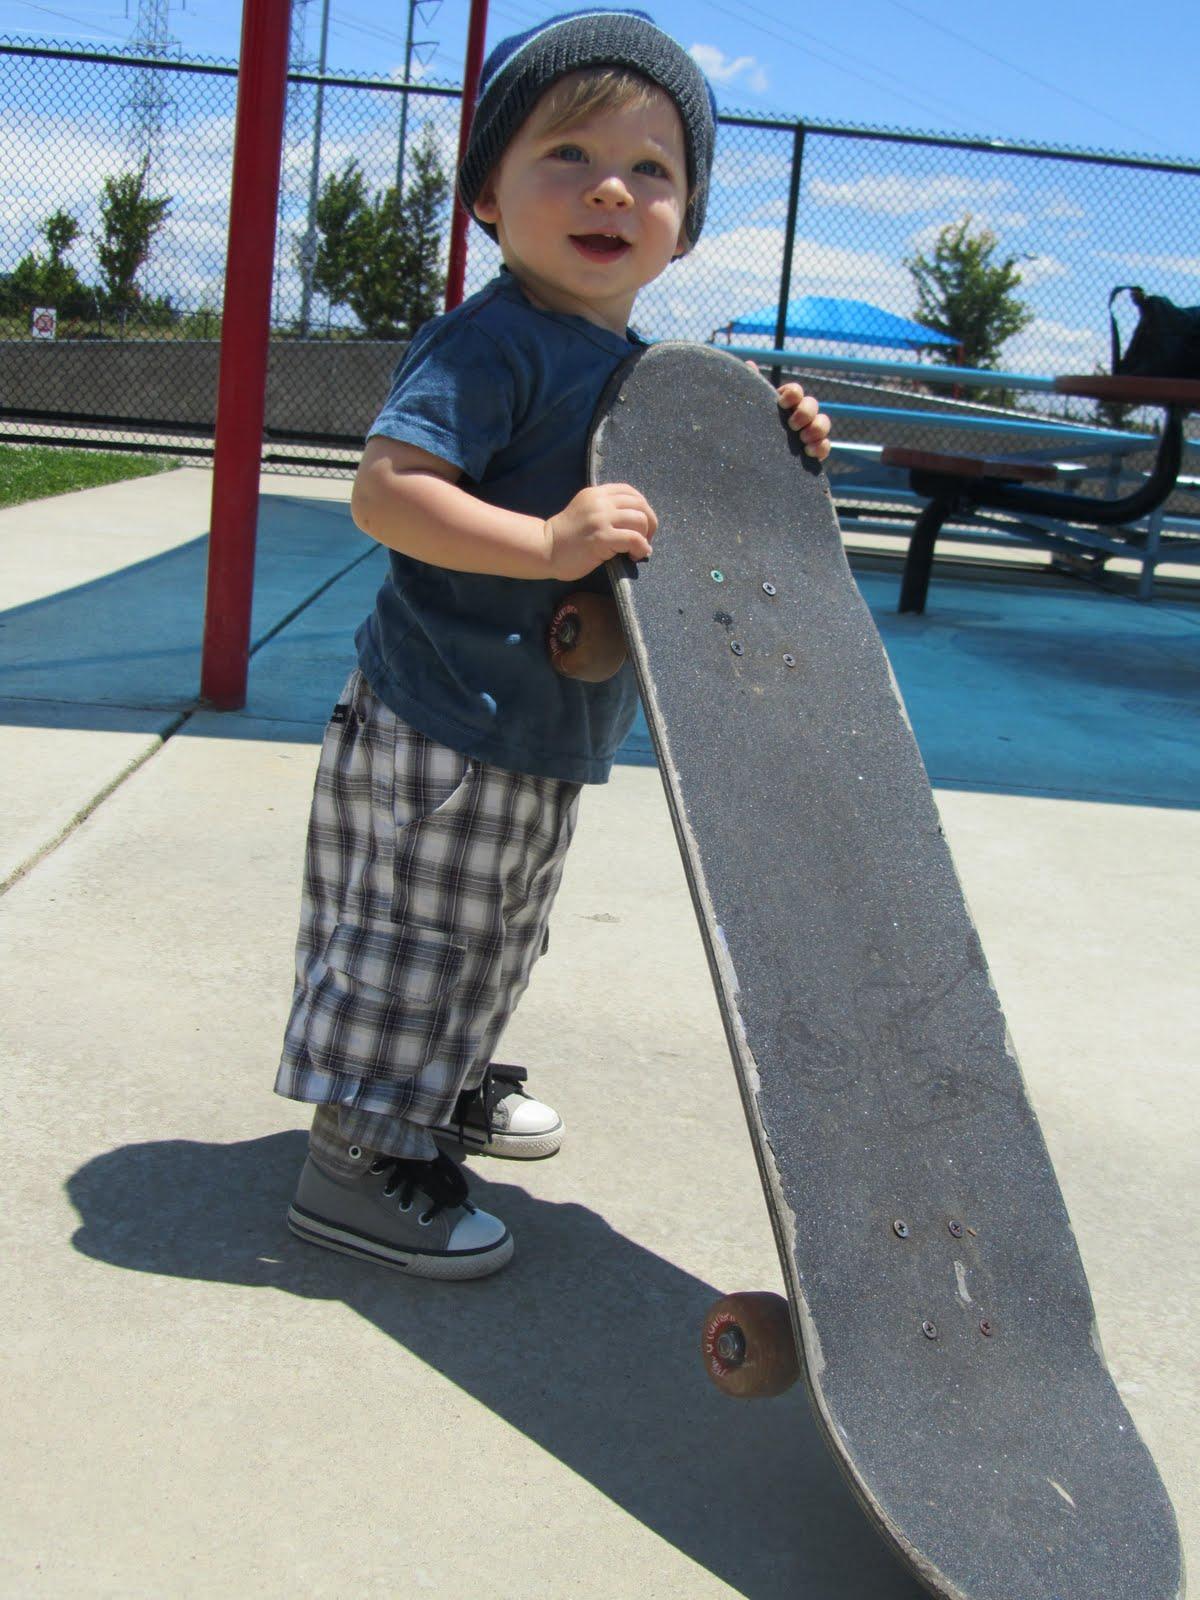 Skater_boy 5